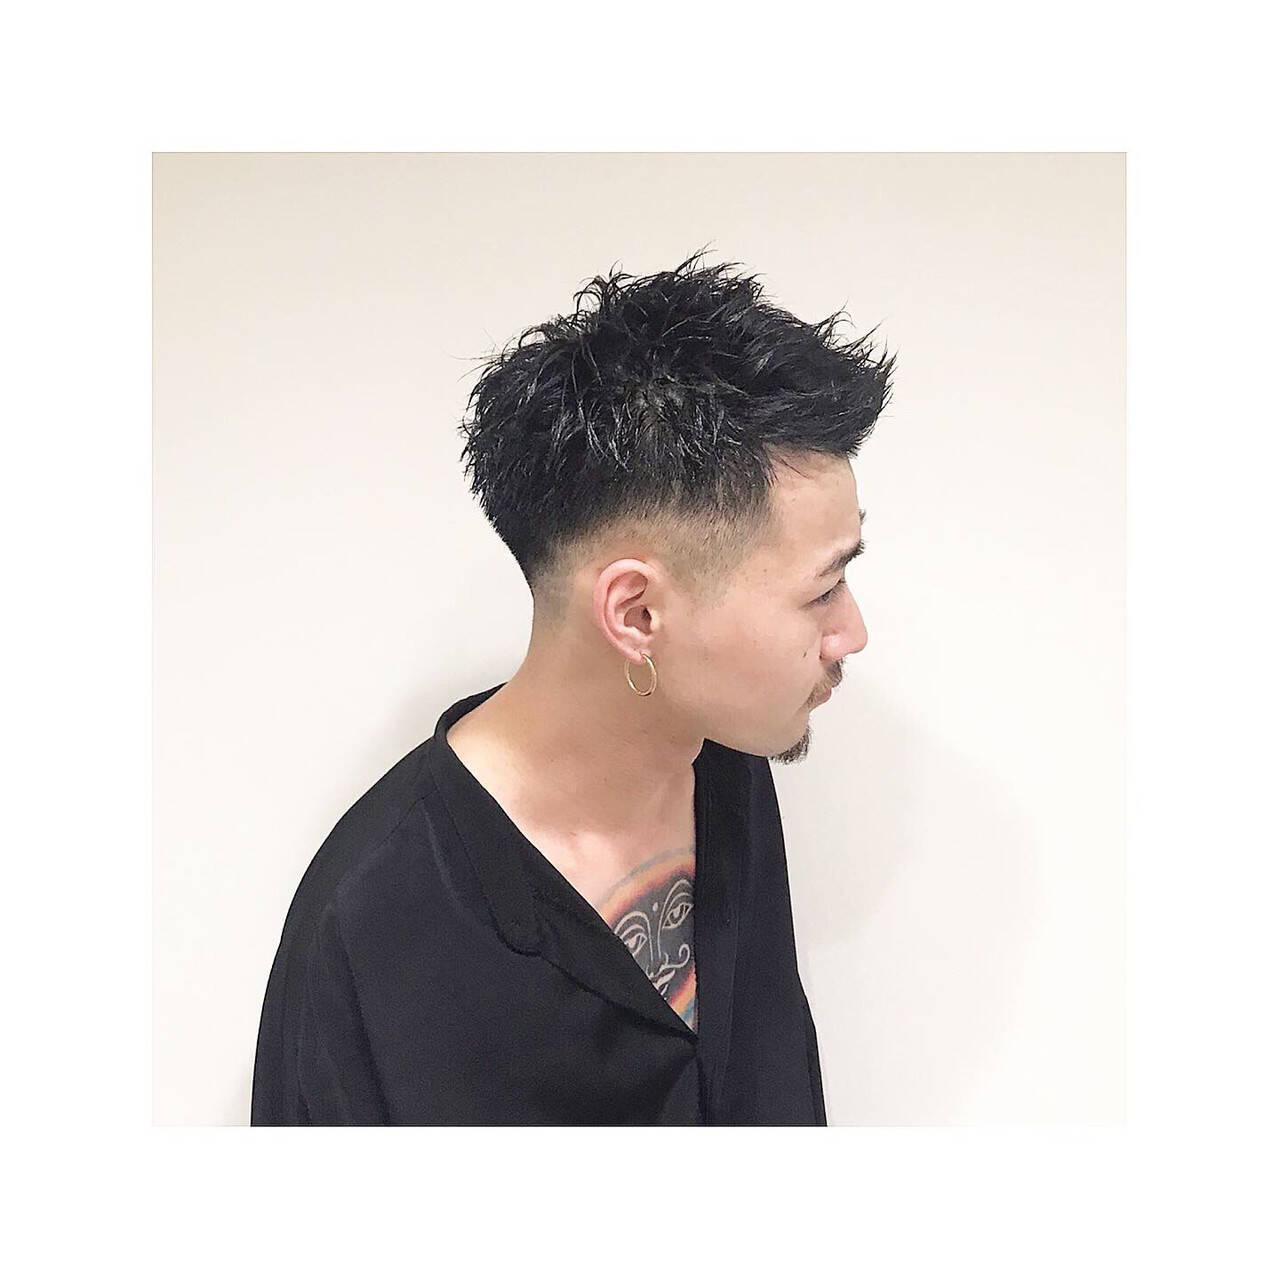 ベリーショート メンズショート スキンフェード ストリートヘアスタイルや髪型の写真・画像